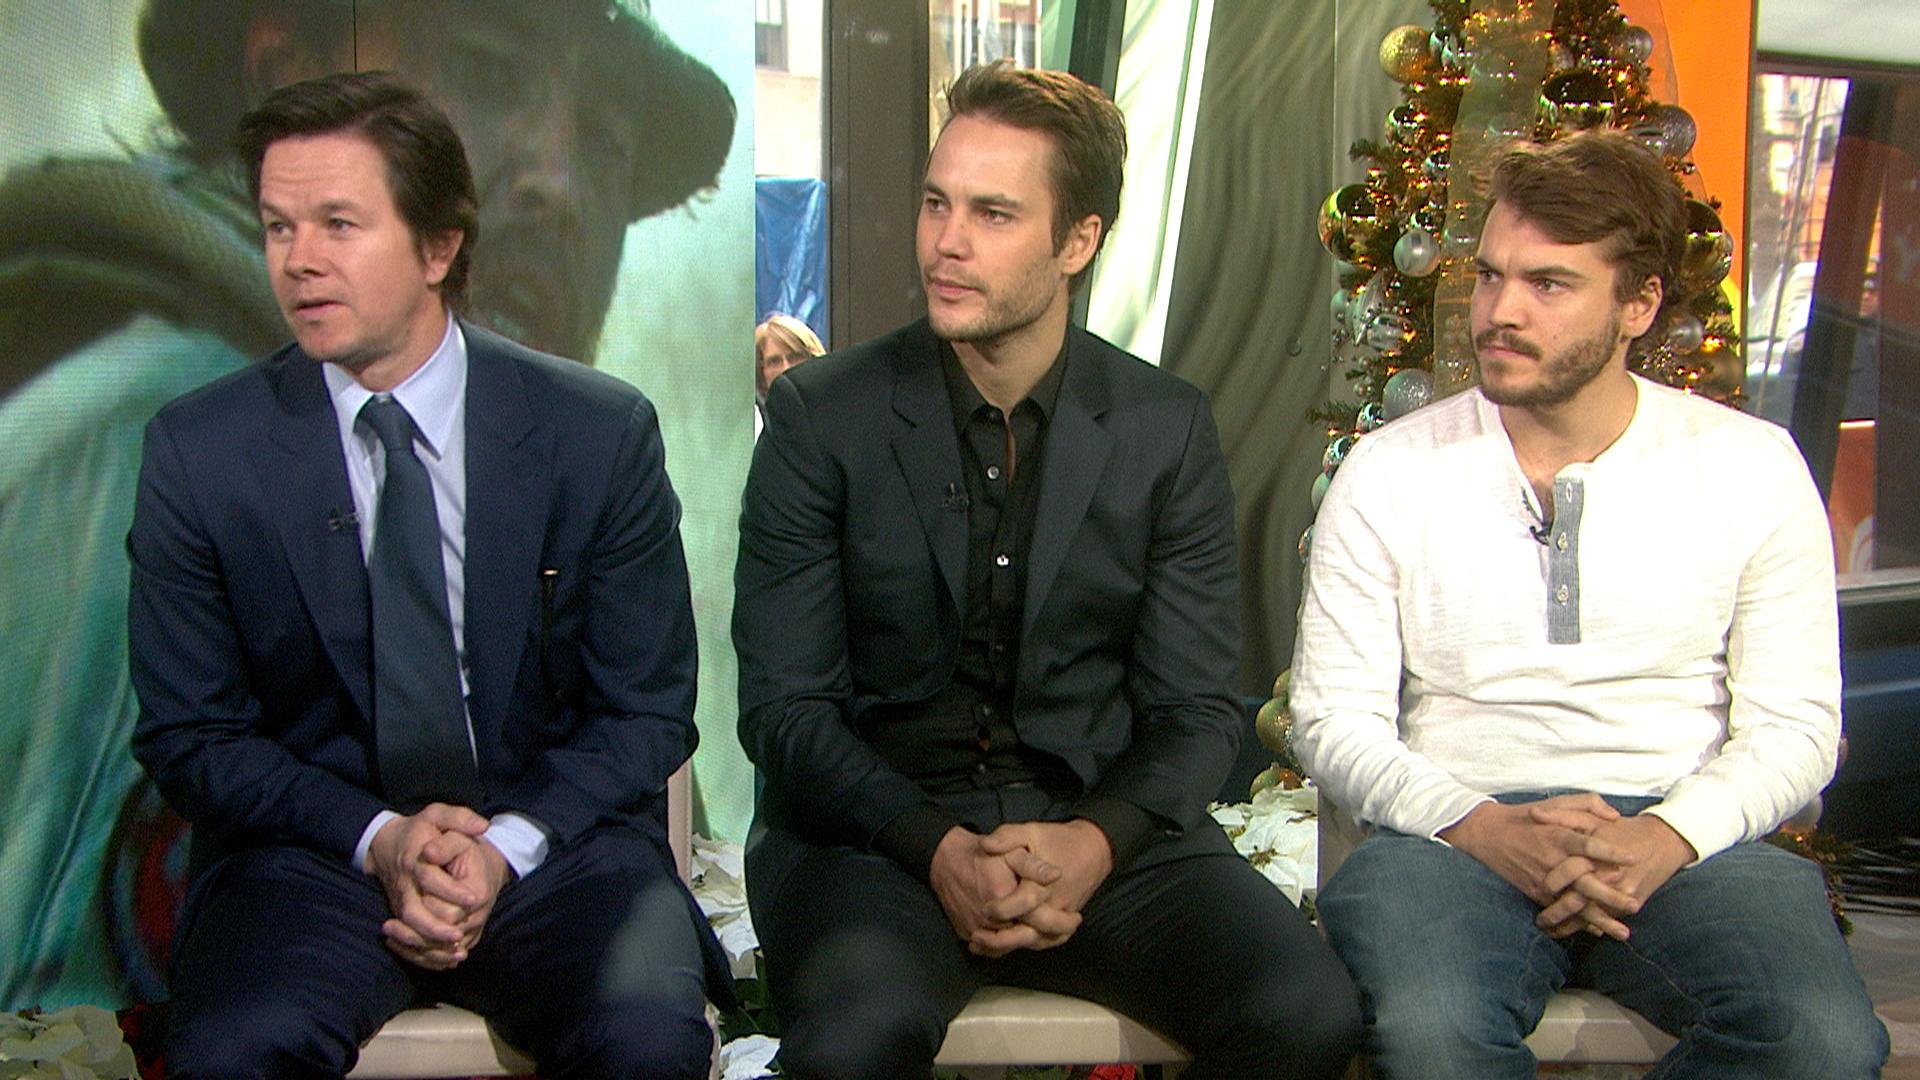 Mark Wahlberg, Taylor Kitsch, Emile Hirsch